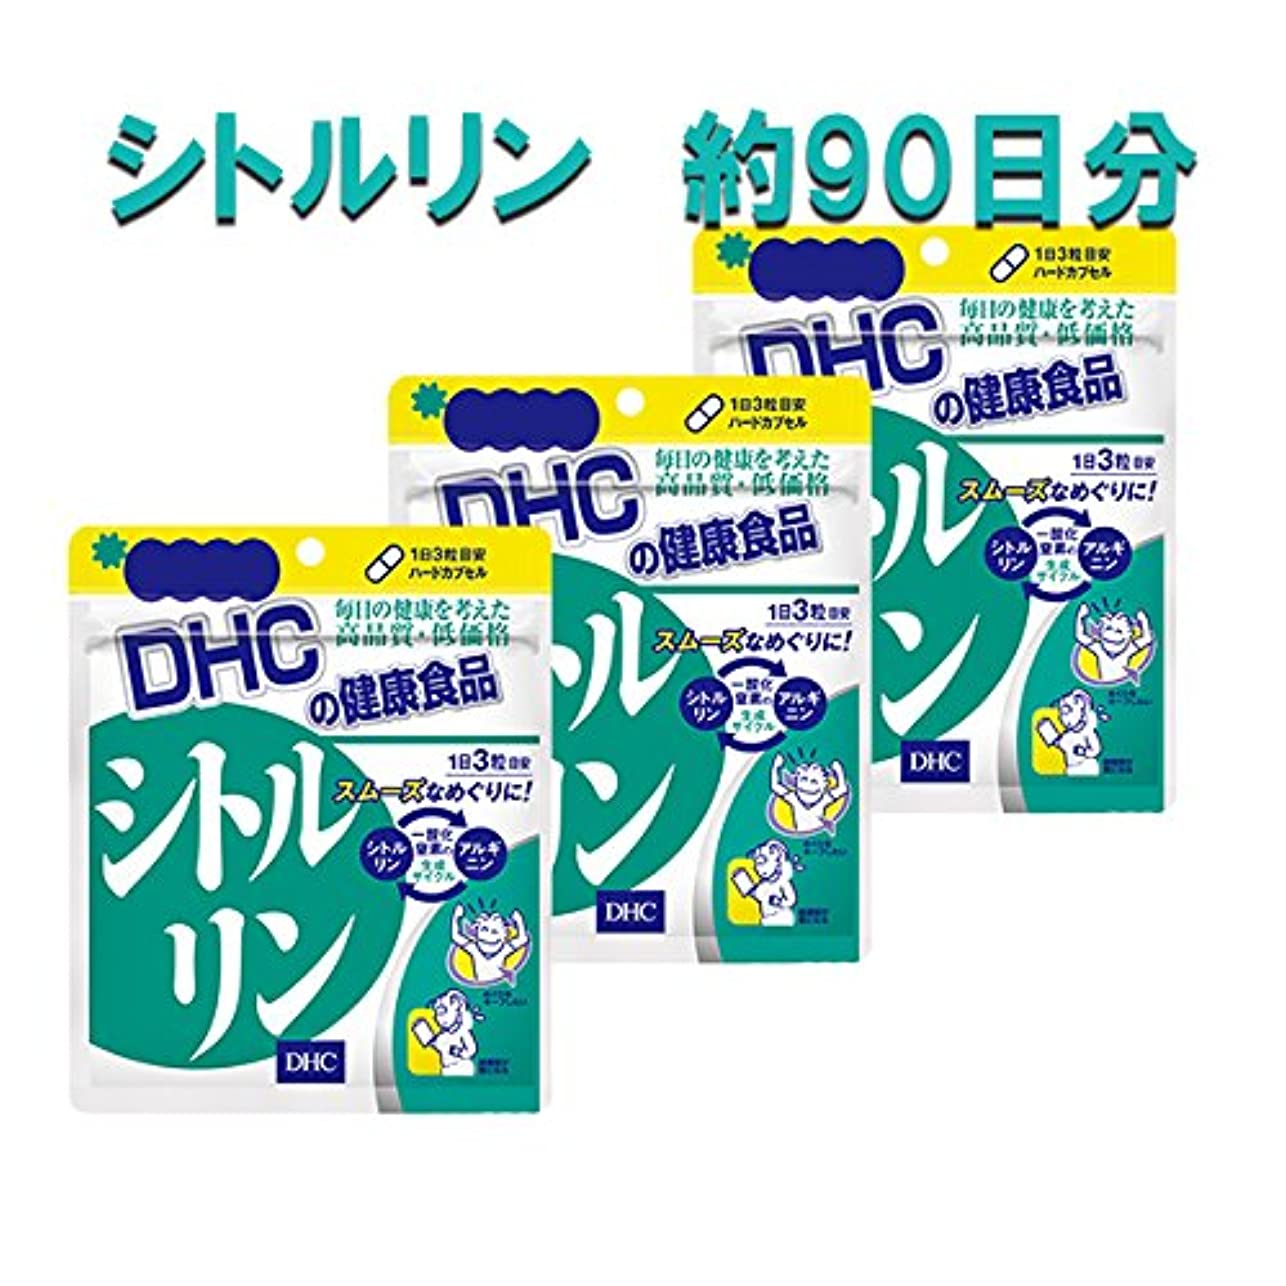 耐えられないクランプなめらかなDHC シトルリン 約90日分 サプリメント 健やかなめぐりをサポート